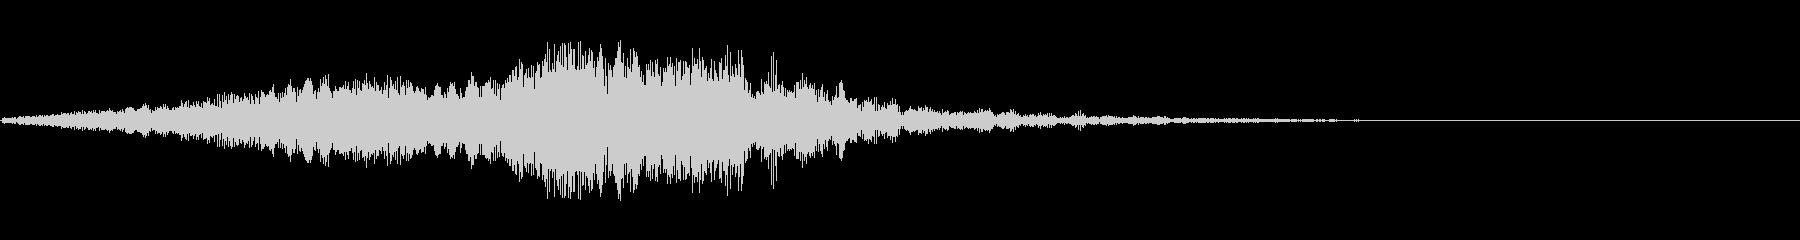 不気味な音13の未再生の波形